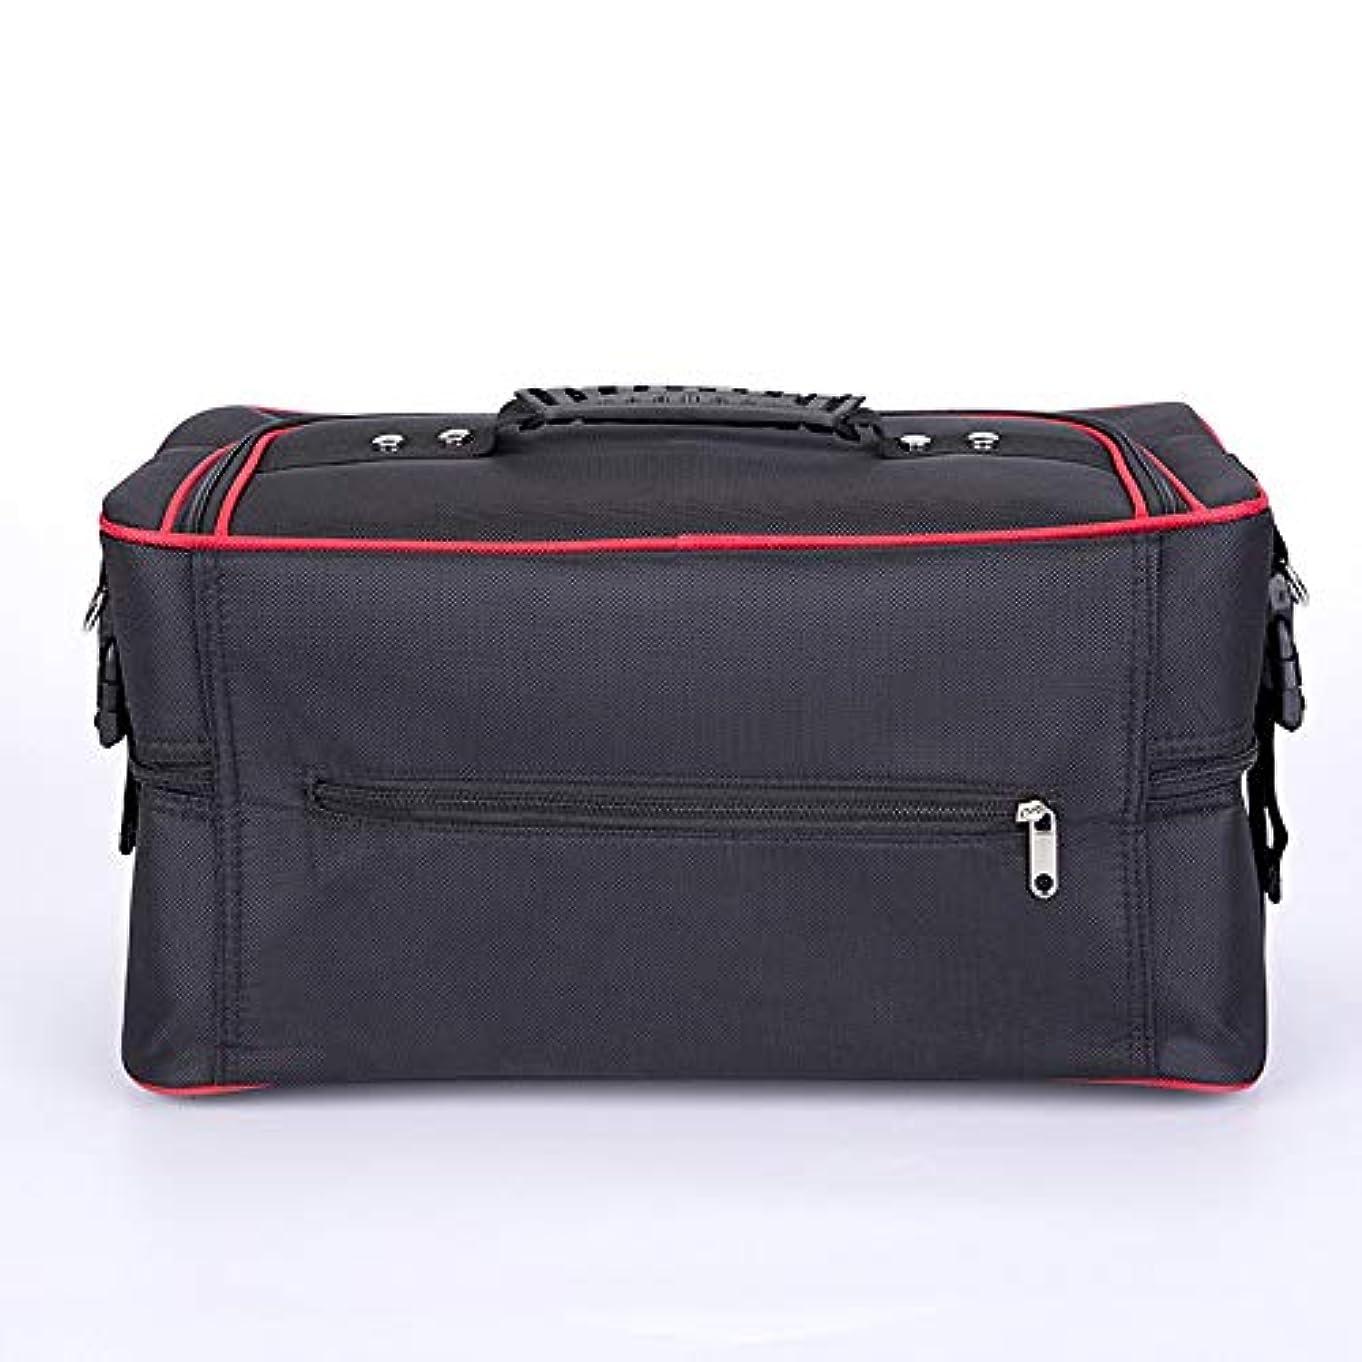 セメントり暖炉化粧オーガナイザーバッグ ジッパーで旅行と毎日のストレージのための美容メイクアップのポータブルカジュアルメイク化粧品収納ケース 化粧品ケース